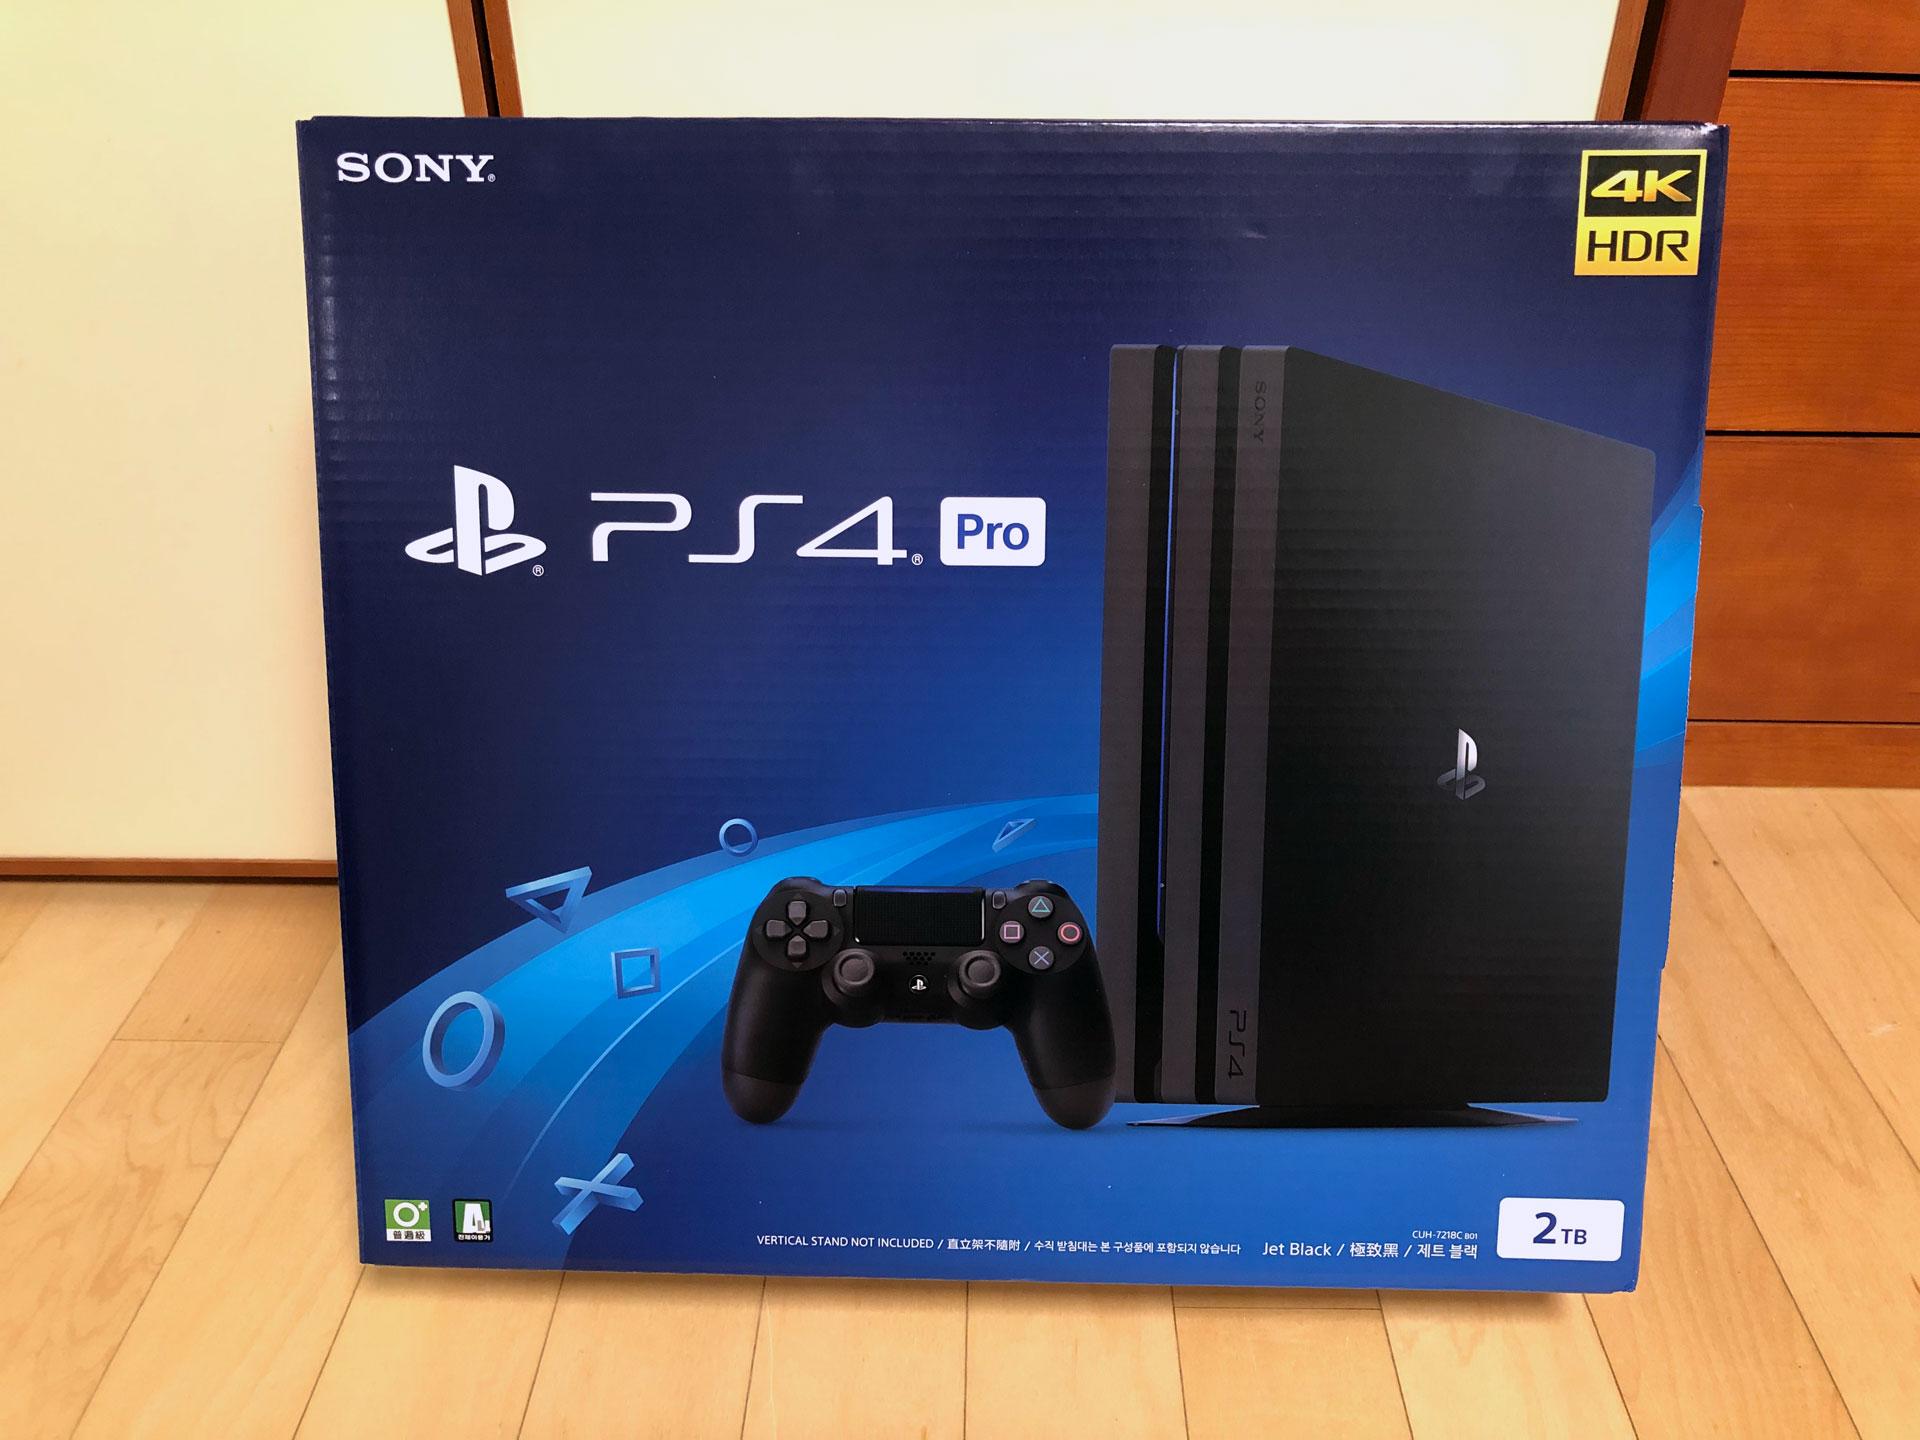 [PS4] PS4 PRO 신형(7218C) 2TB 개봉 및 사용기